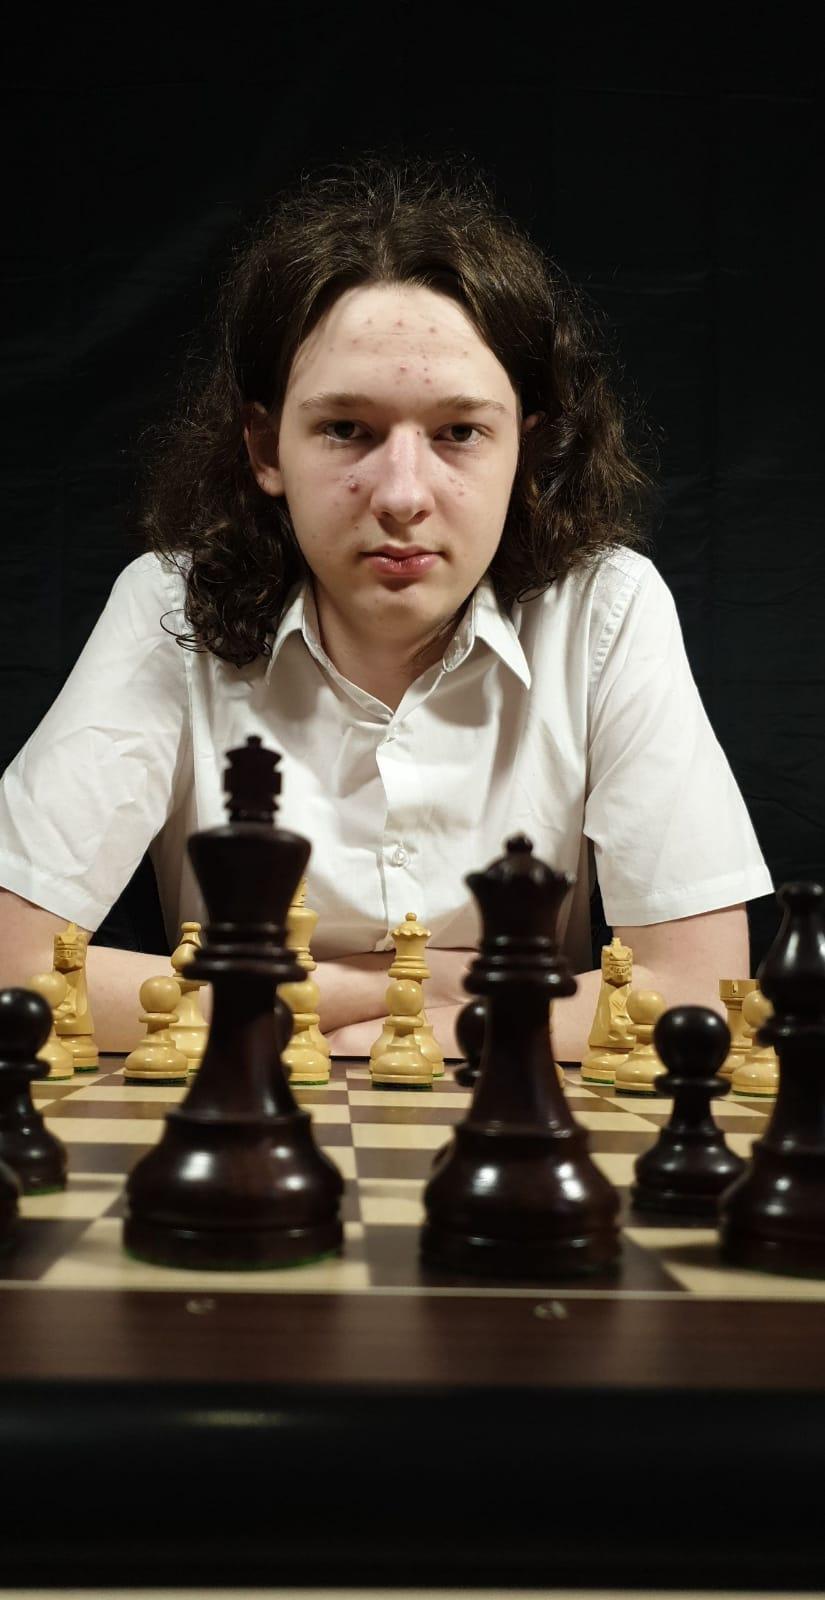 Ruben Gideon ist Internationaler Meister!